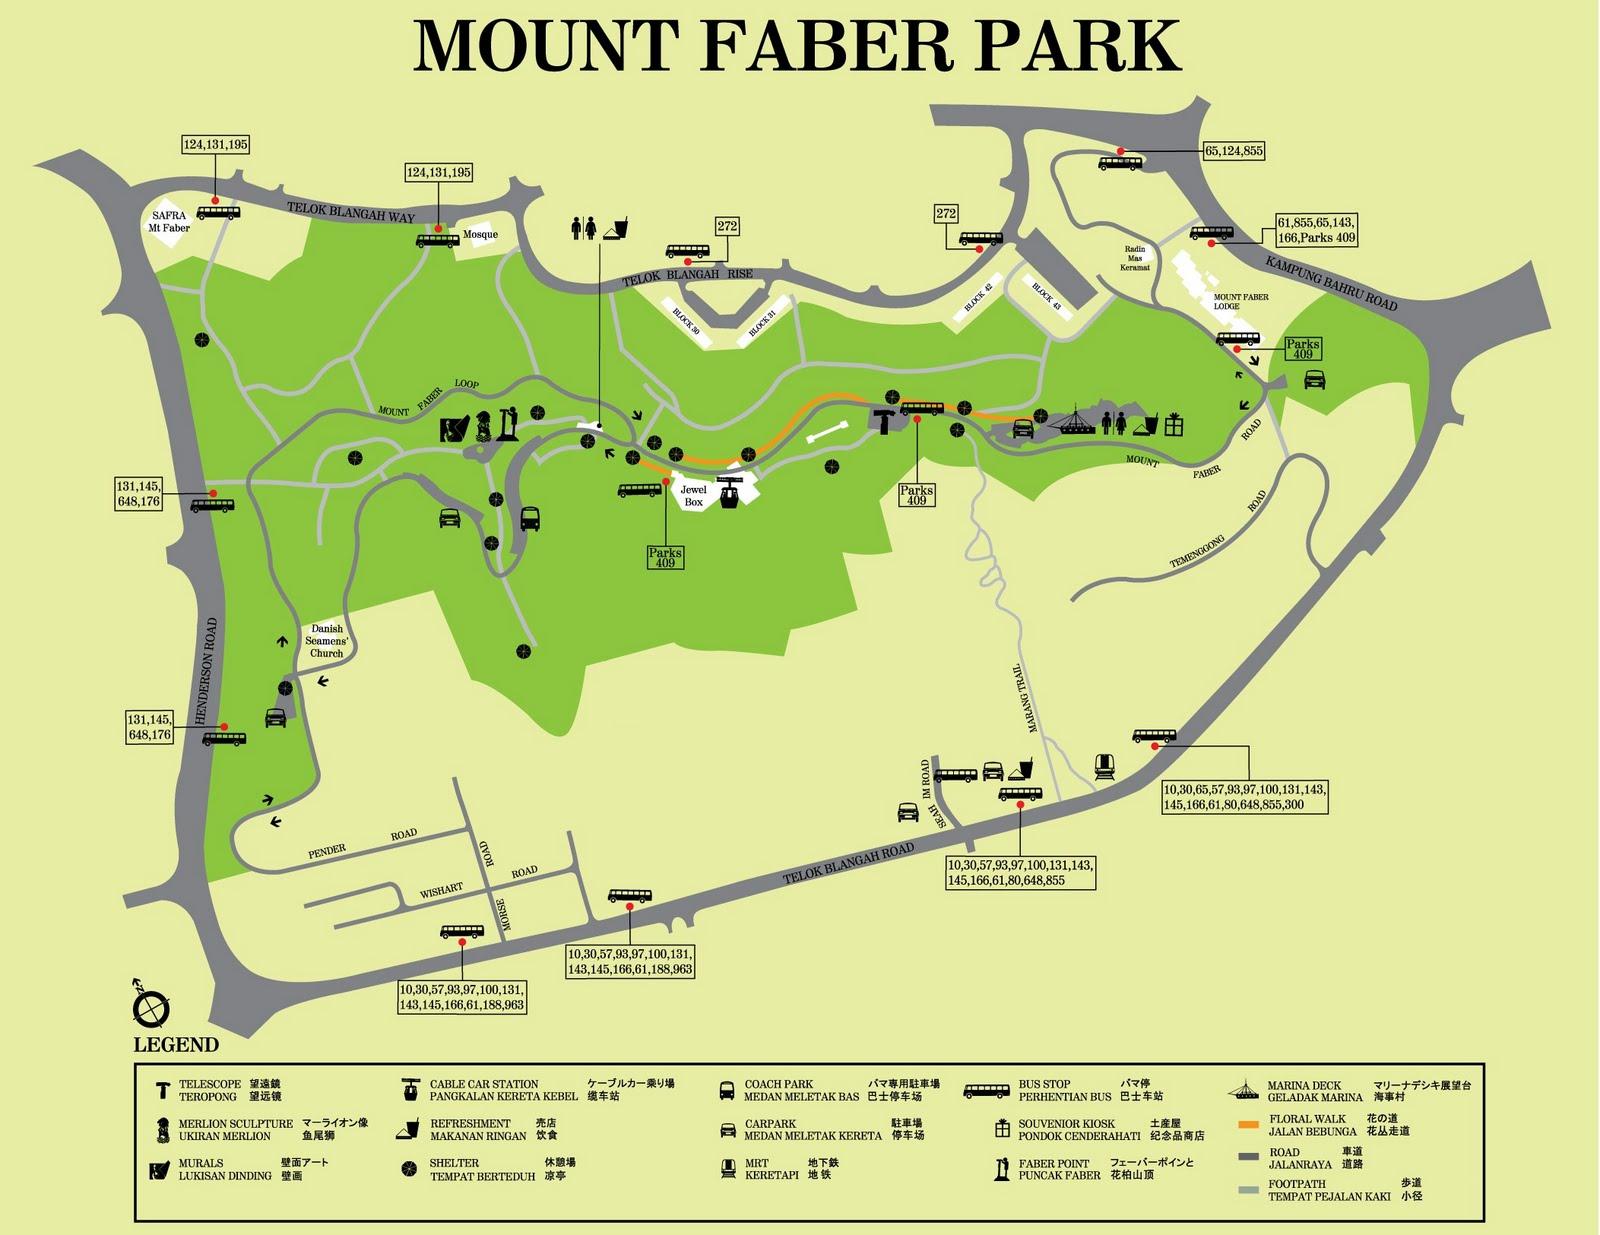 http://4.bp.blogspot.com/_IlNUPR-0M50/TBYXNrRlJvI/AAAAAAAANR4/7WW2j28eb9c/s1600/Mount+Faber+Park.jpg